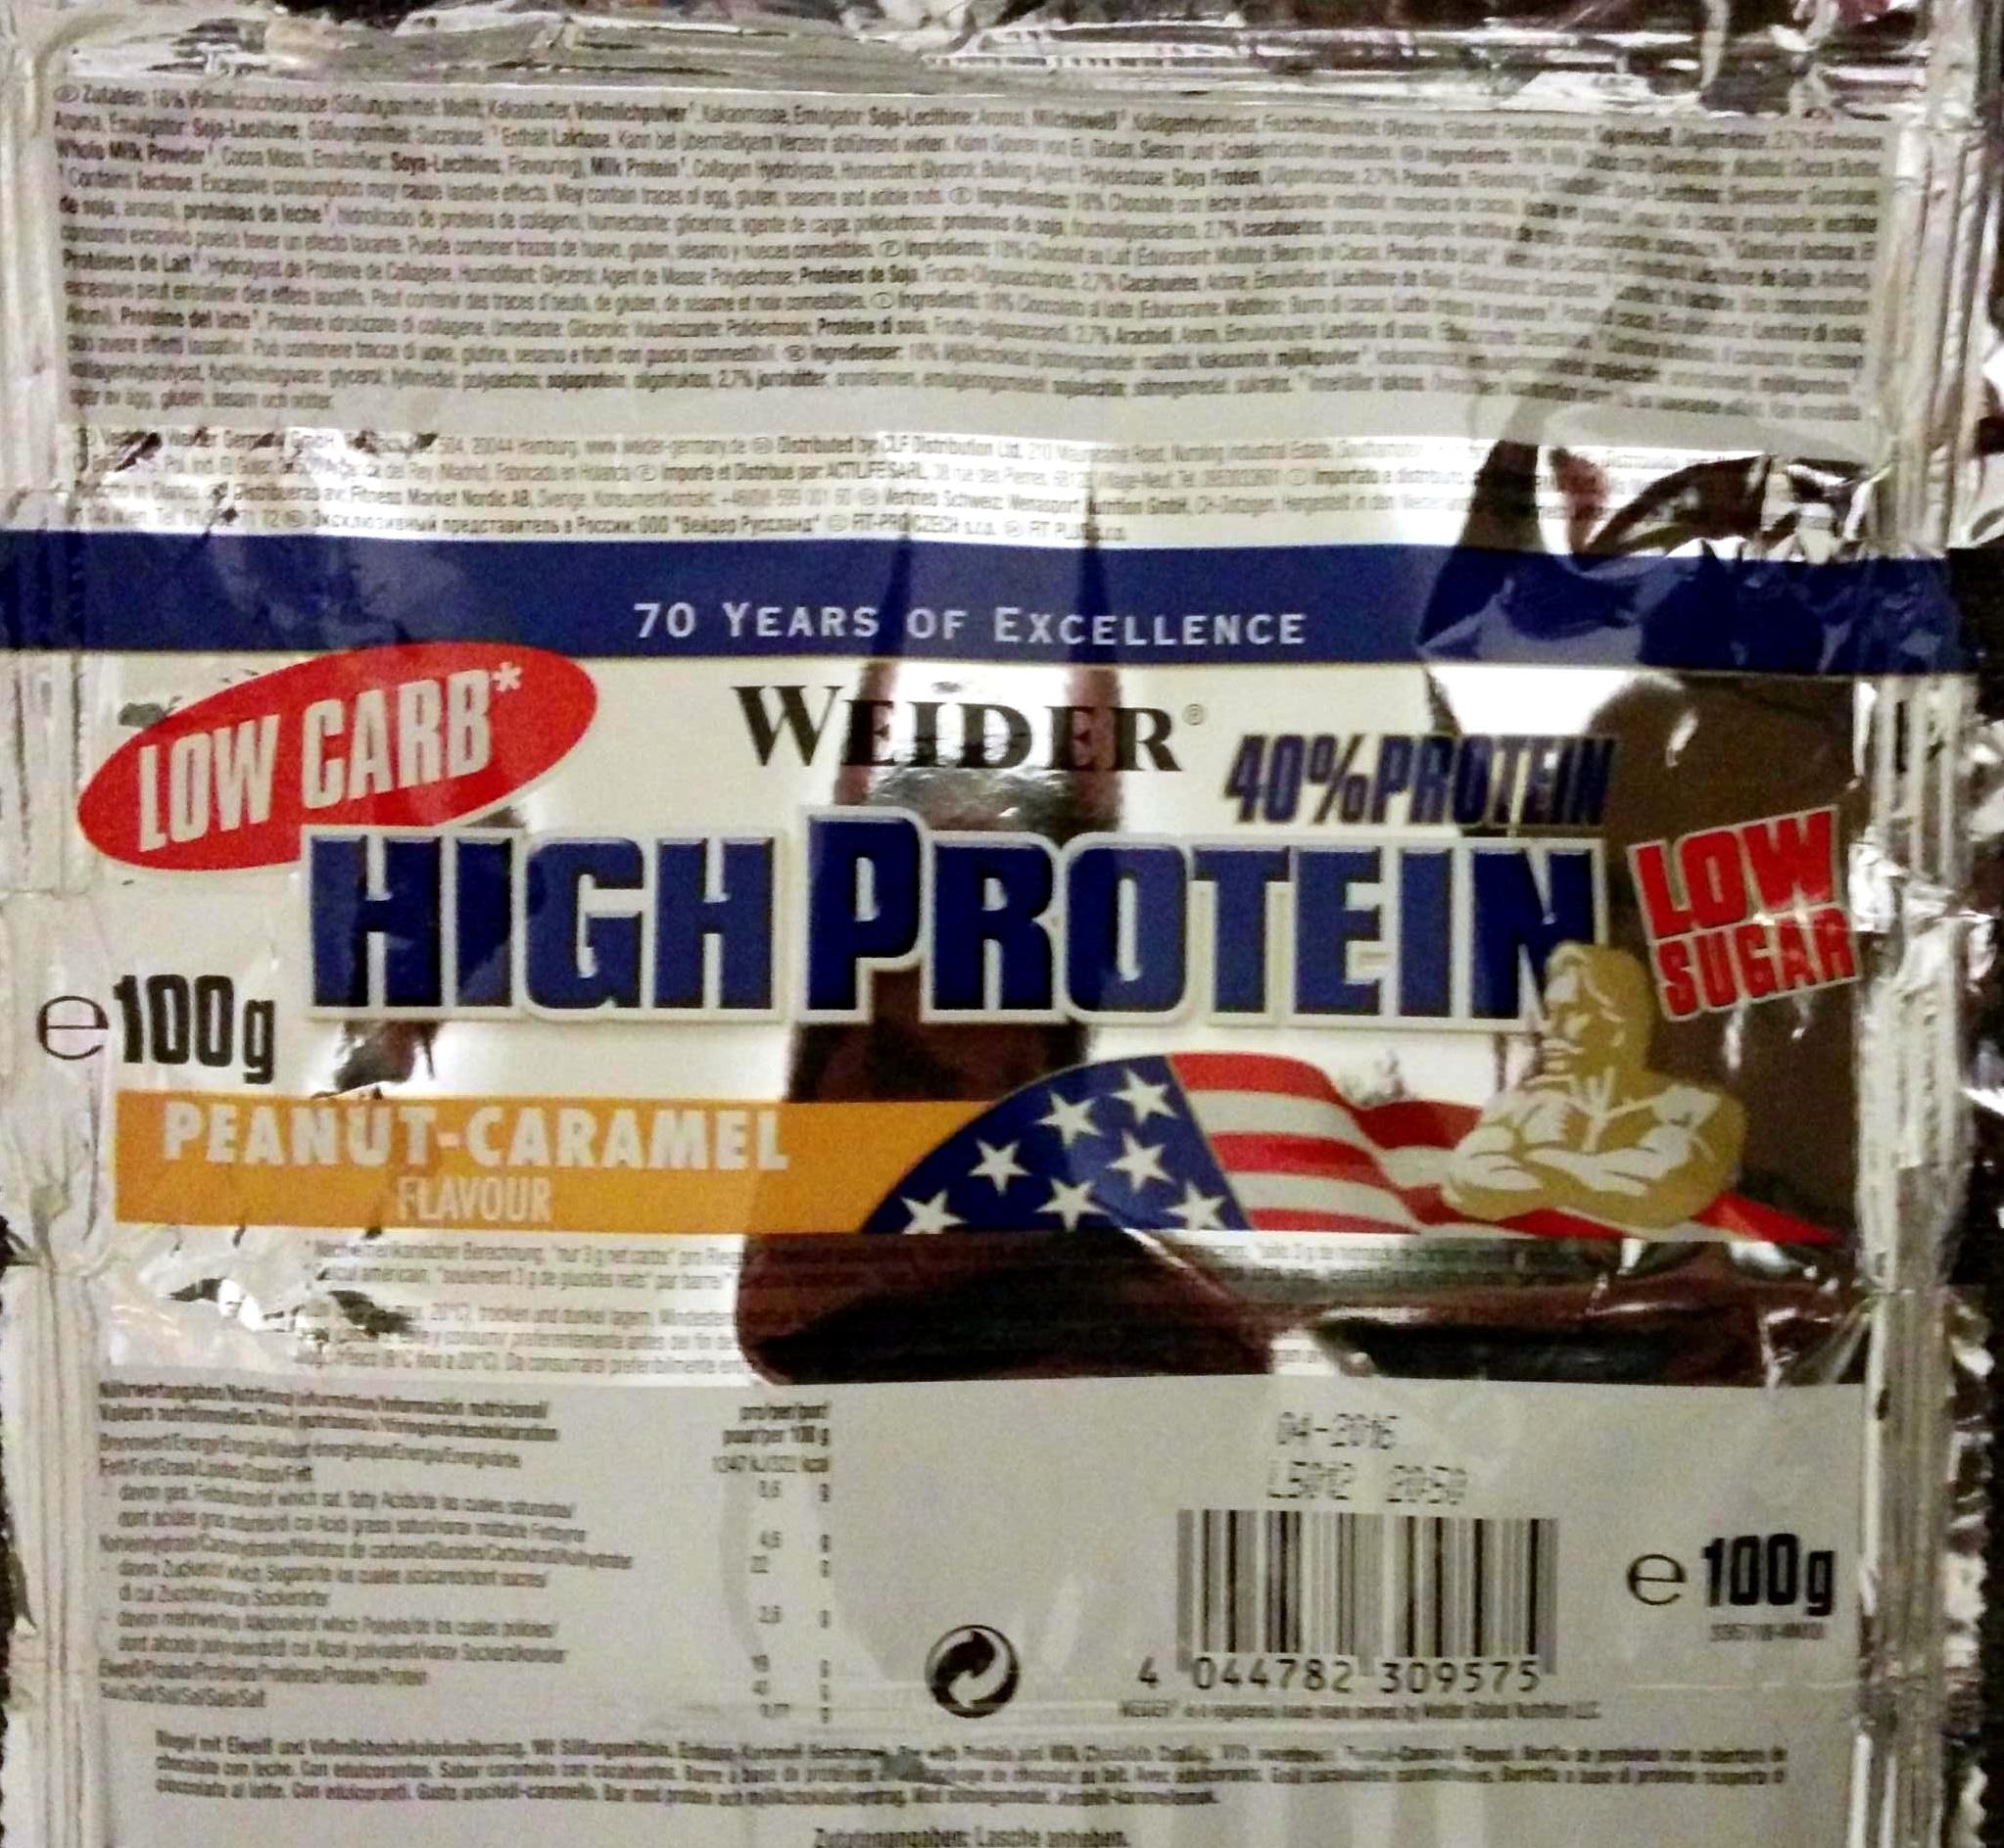 Low Carb, High Protein, Low Sugar, Peanut-Caramel Flavour - Produit - de